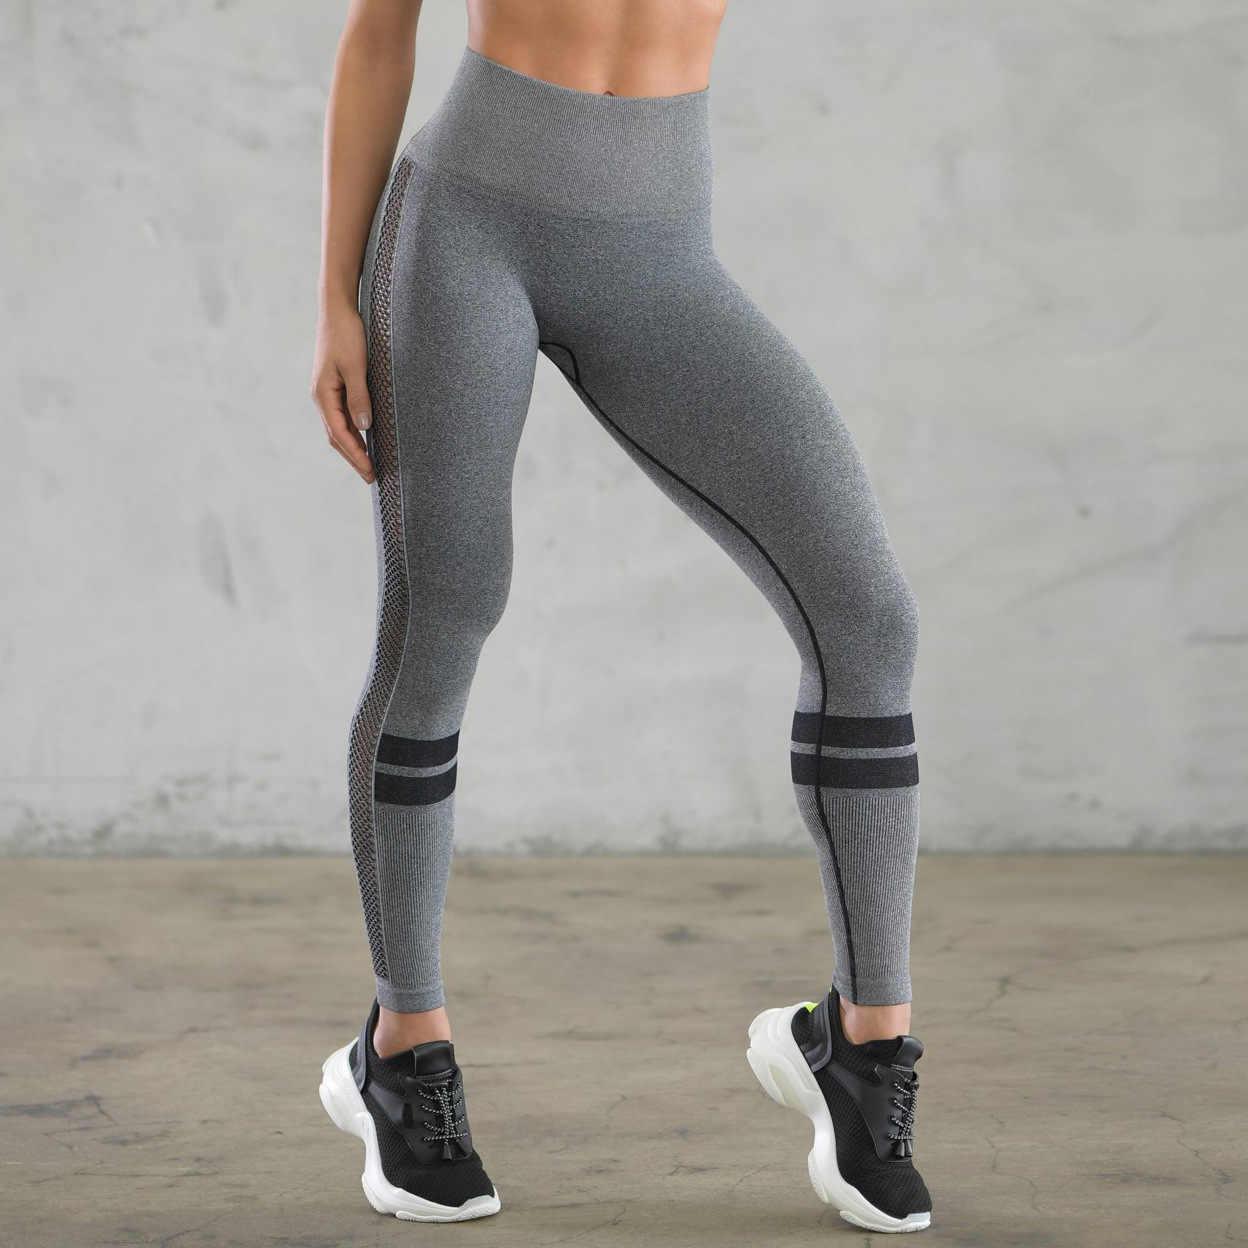 Egzersiz Lycra Push Up Tayt Kadınlar Gri Örgü Patchwork Legging Pantolon Moda Kadın Çizgili Baskılı Yüksek Bel Streç Leggin